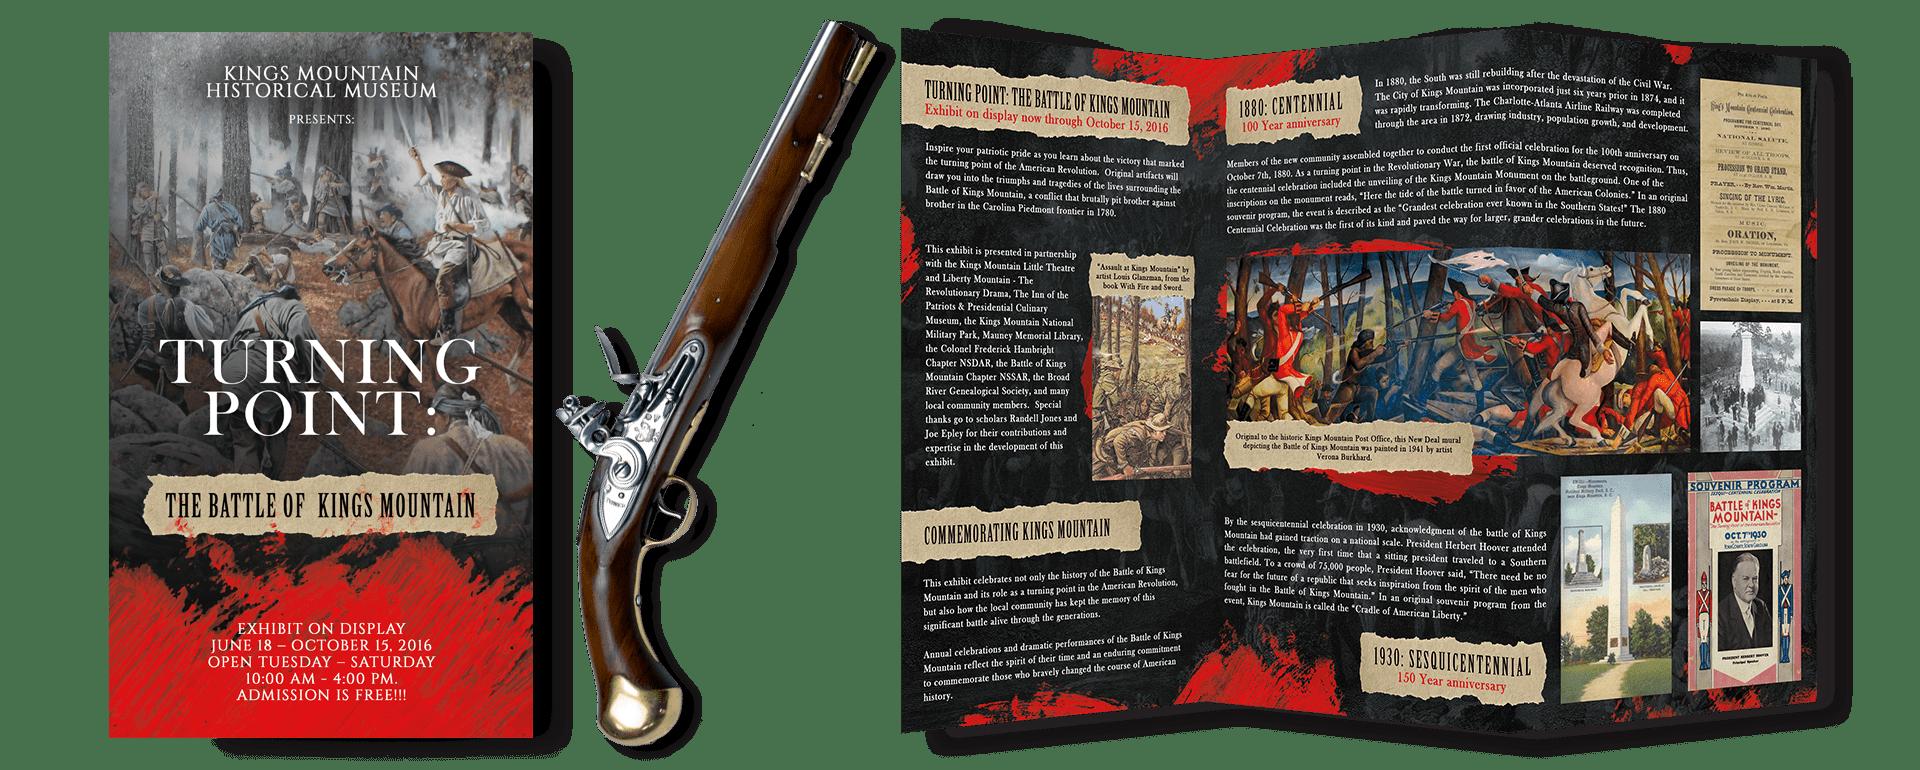 Battle of Kings Mountian